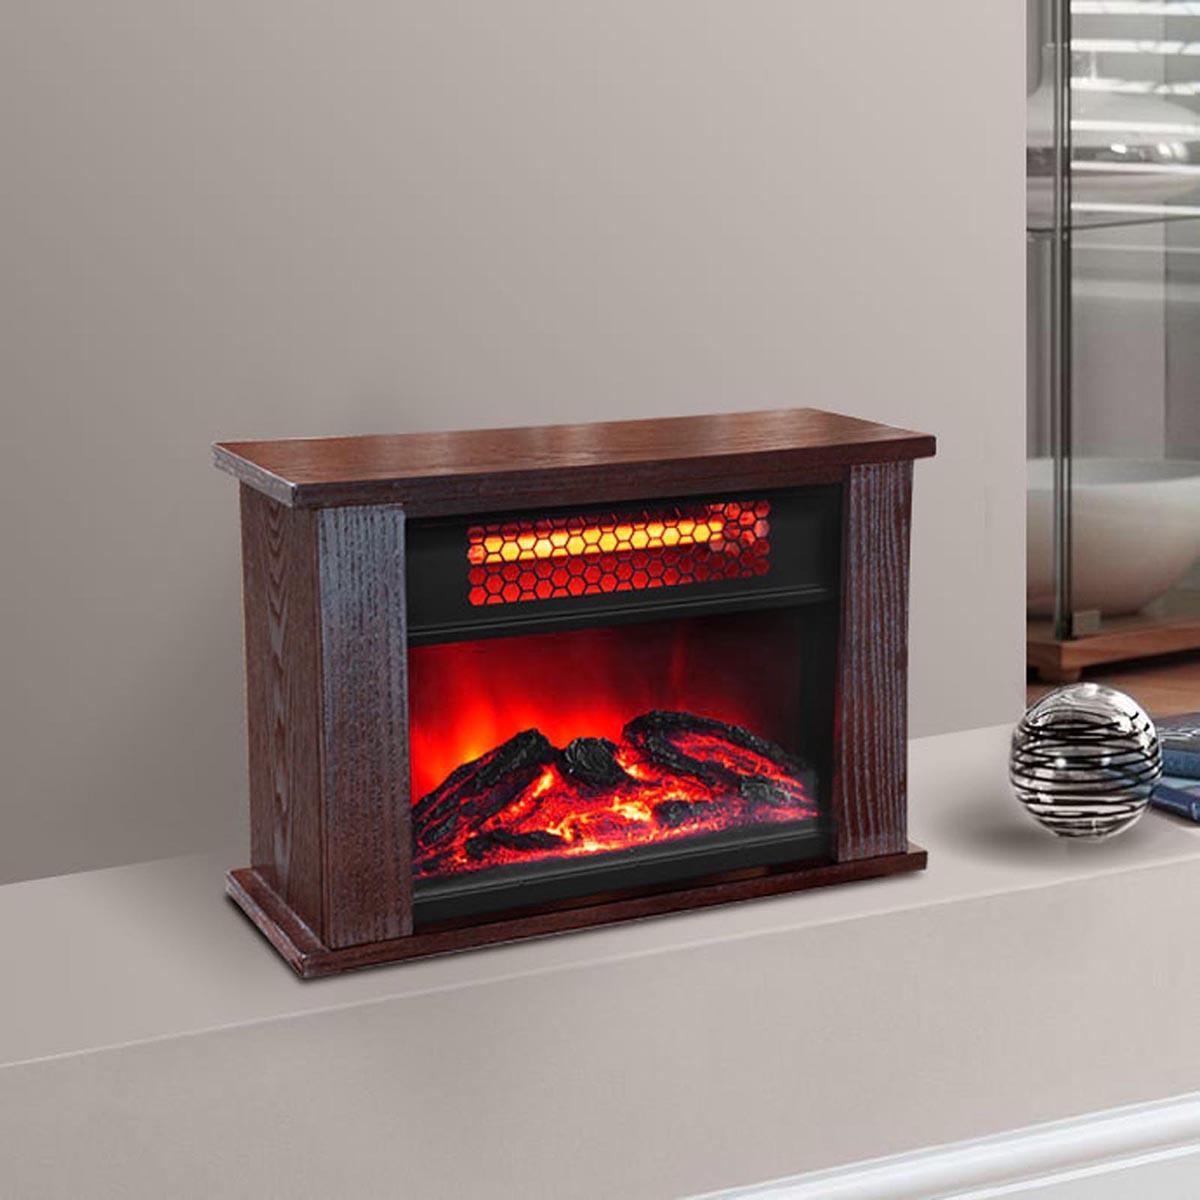 lifepro lifesmart 750 watt infrared quartz mini wood fireplace